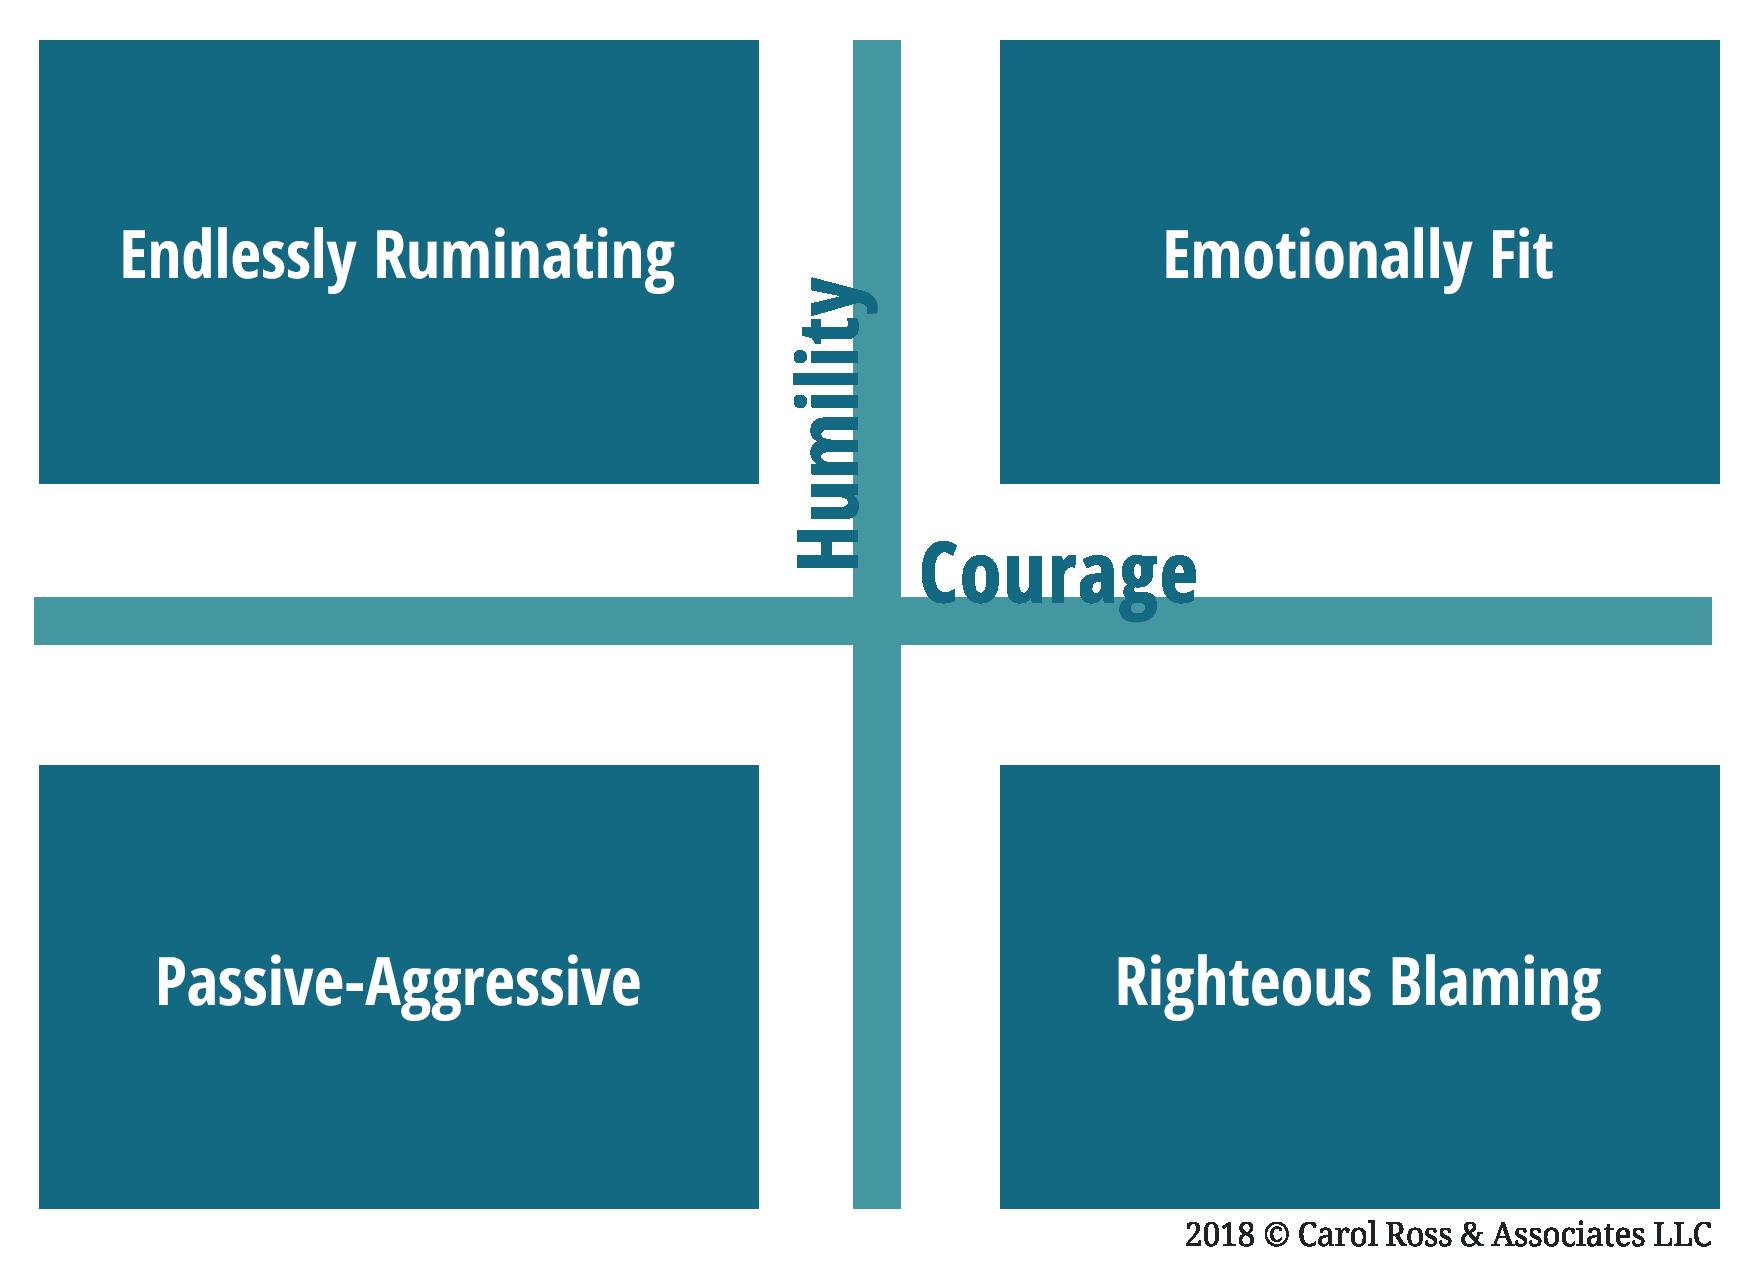 4-Quadrants-of-Emotional-Fitness